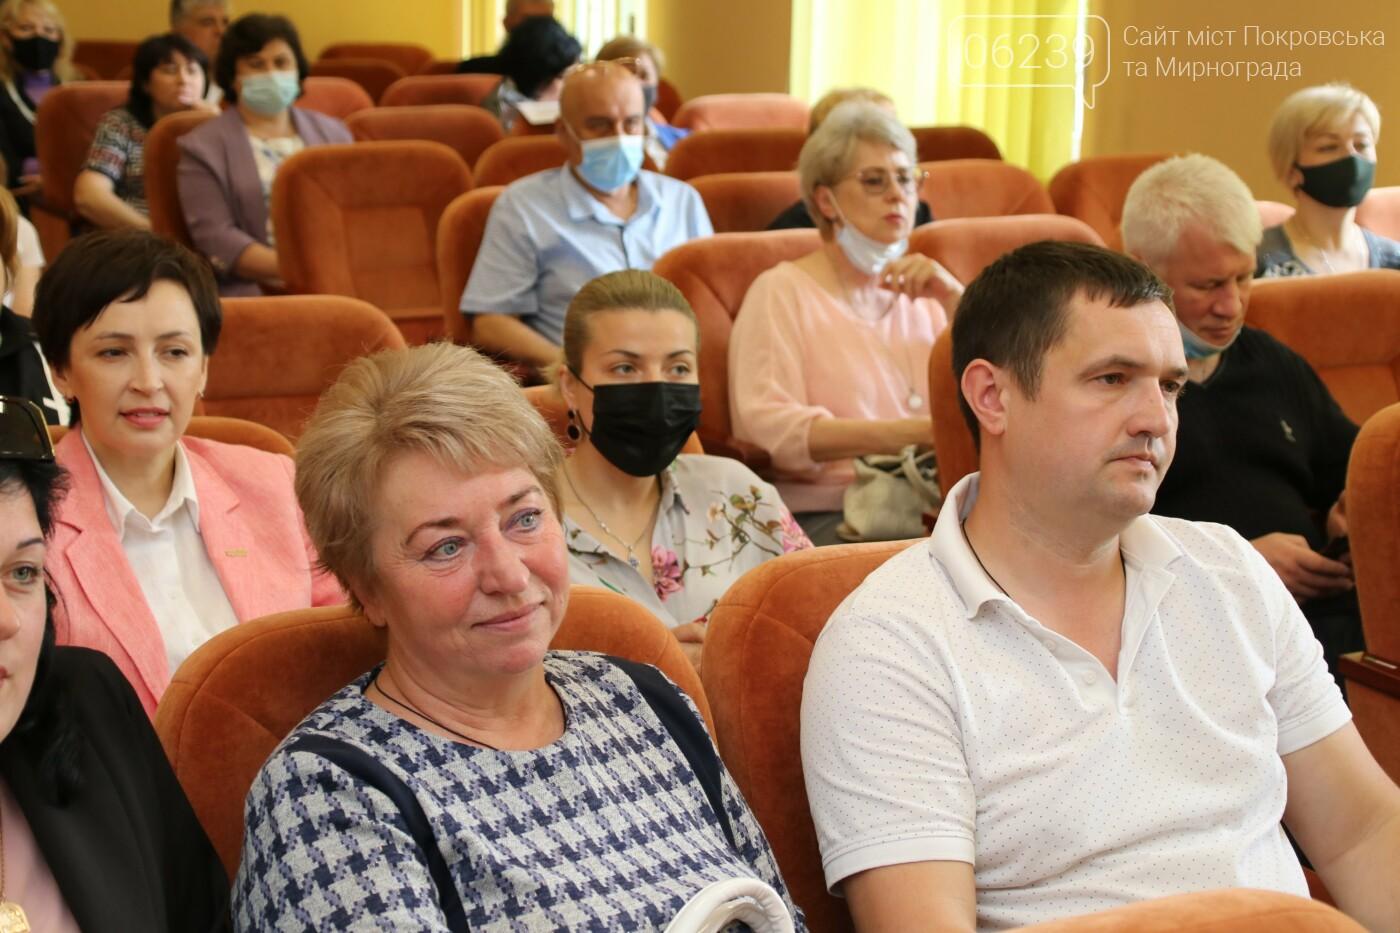 Вопросы благоустройства города и местного бюджета: в Мирнограде состоялась сессия городского совета, фото-3